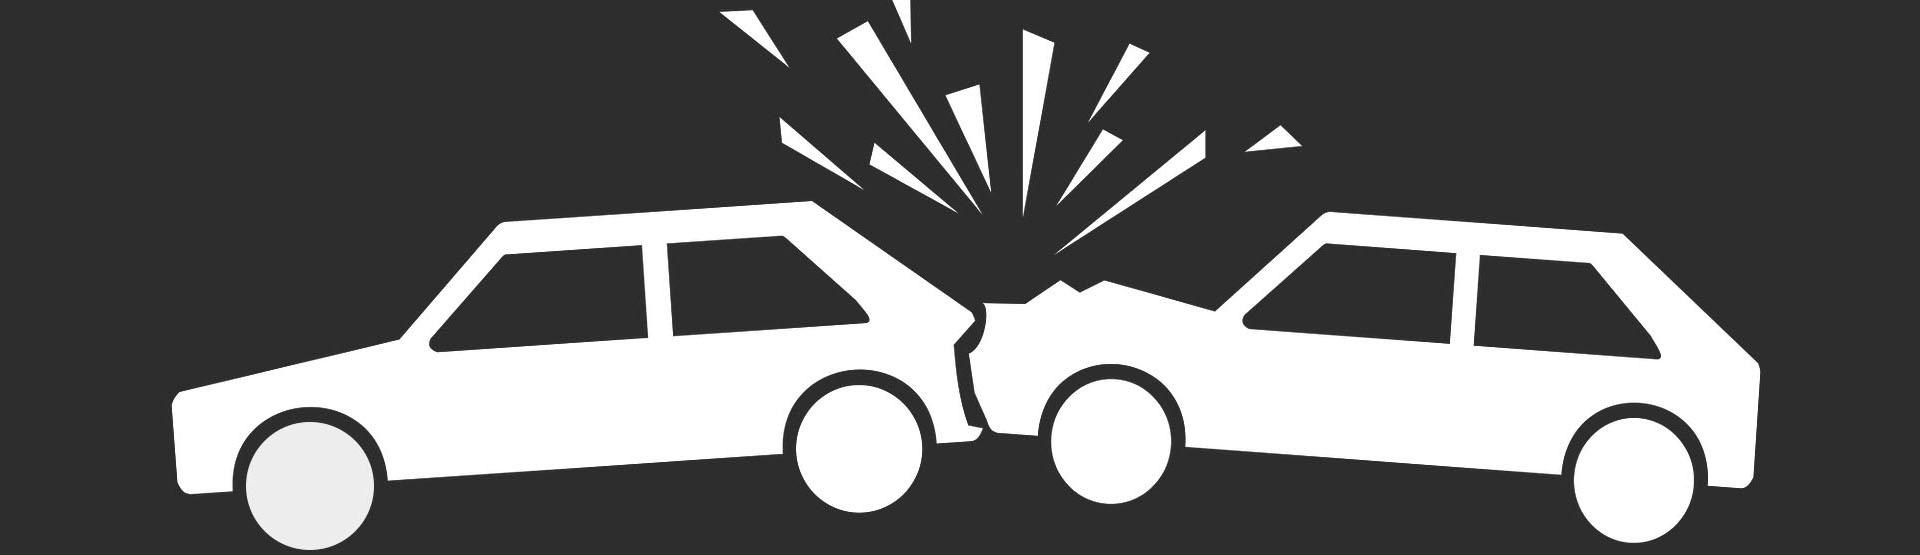 Accidentes de tráfico y otros